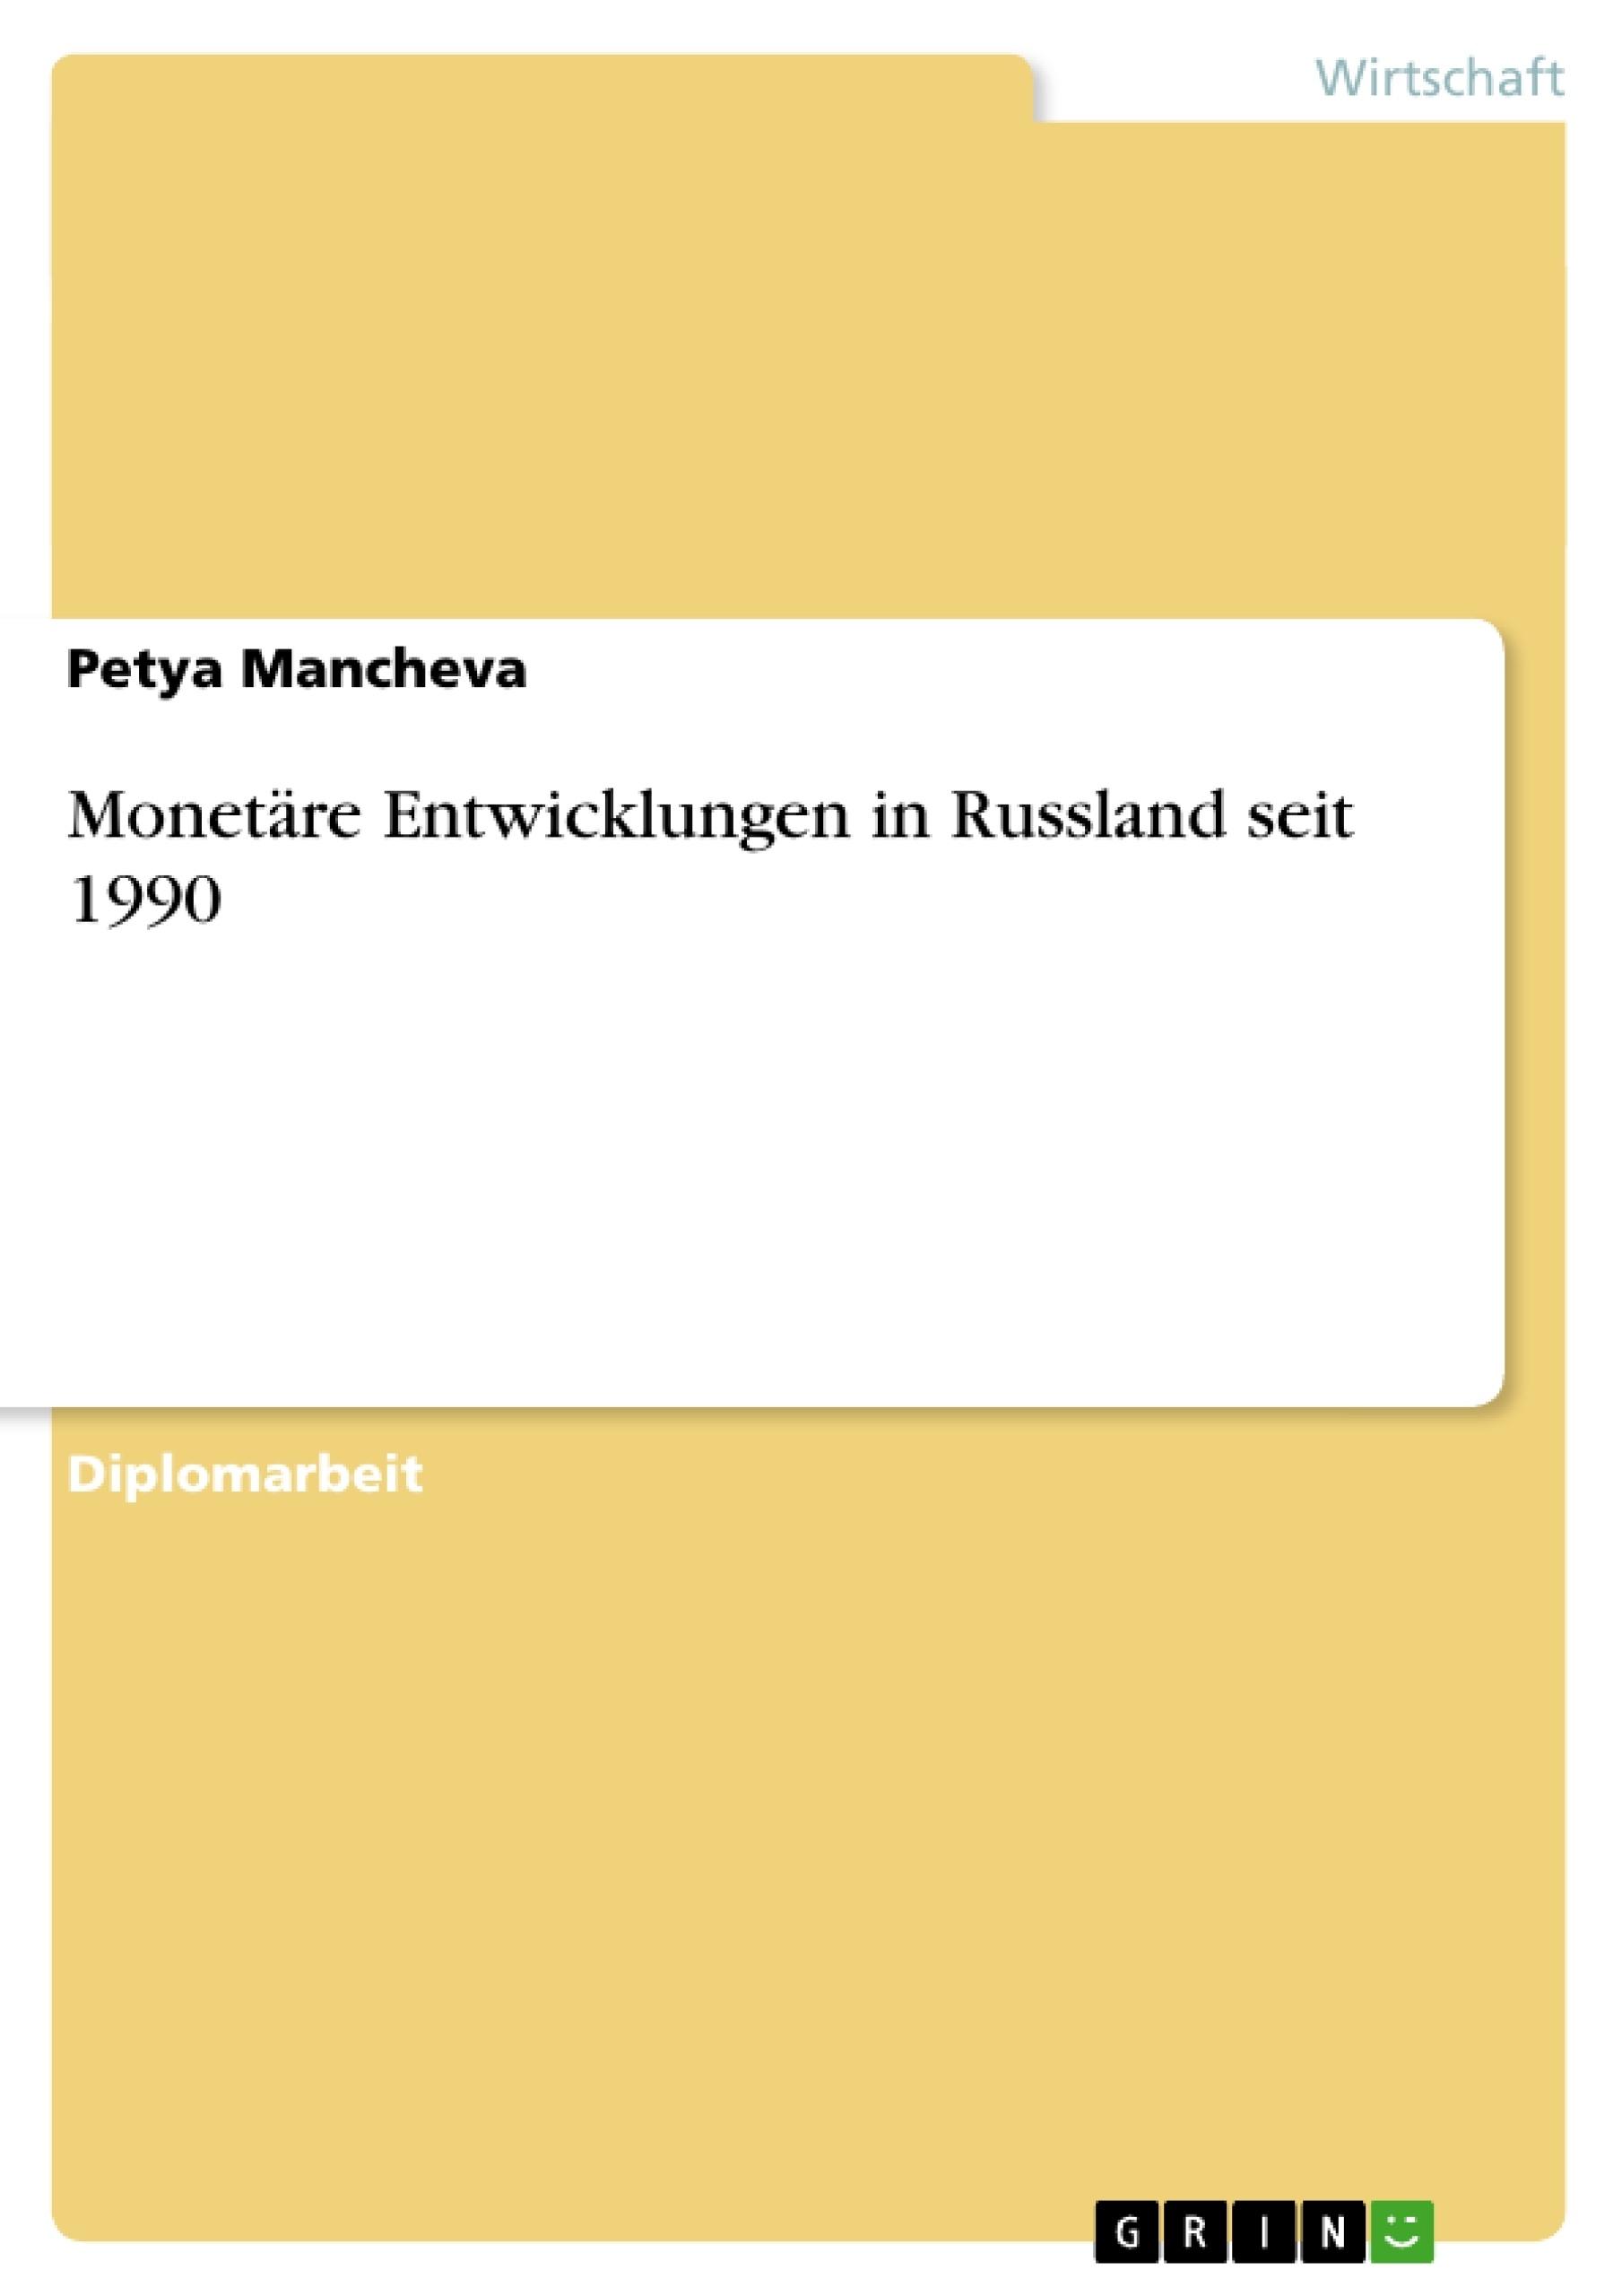 Titel: Monetäre Entwicklungen in Russland seit 1990